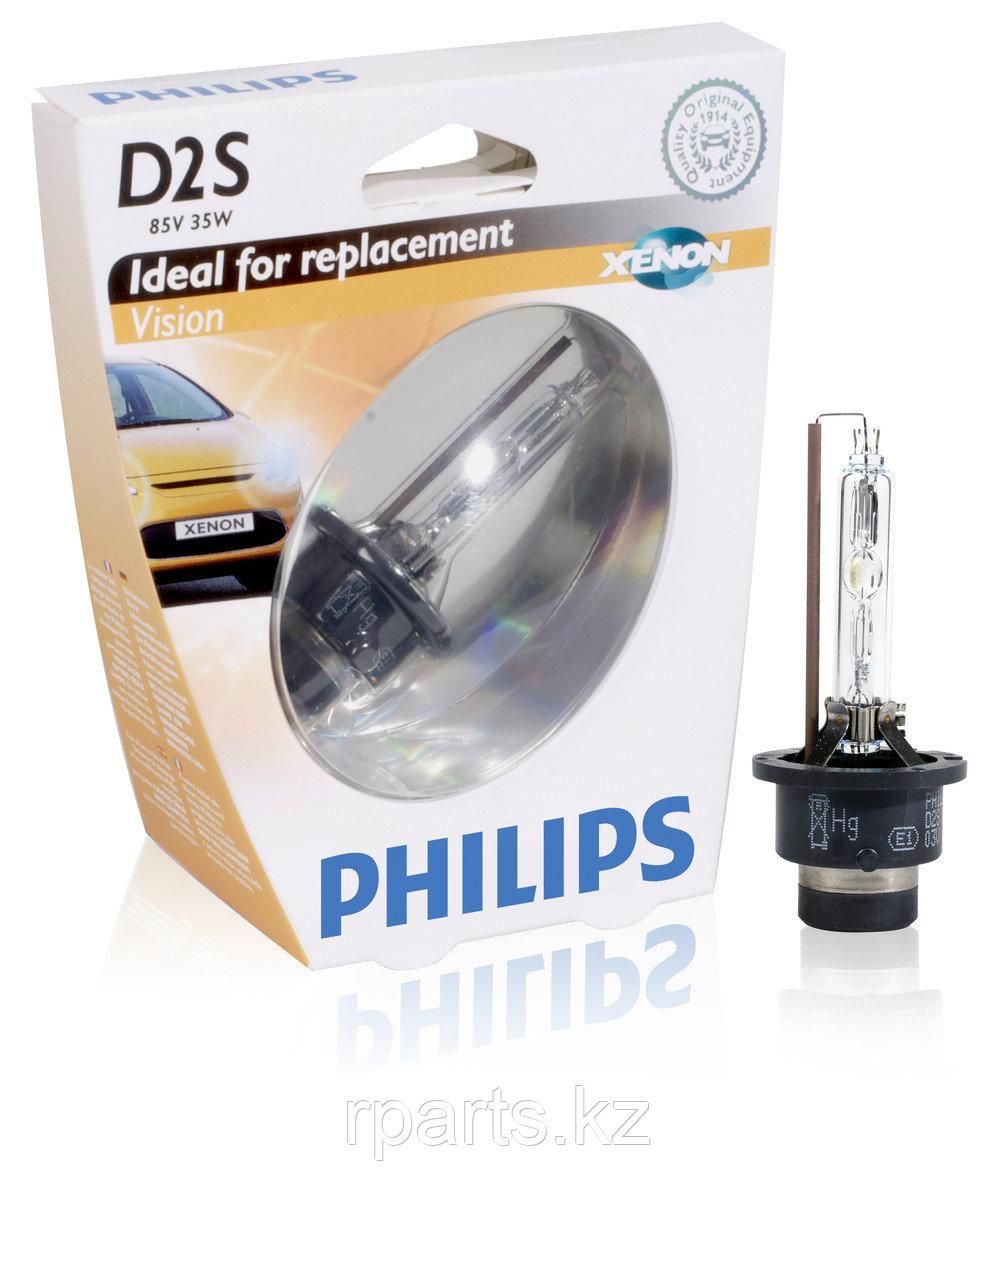 Ксеноновая лампа Philips Xenon Vision D2S